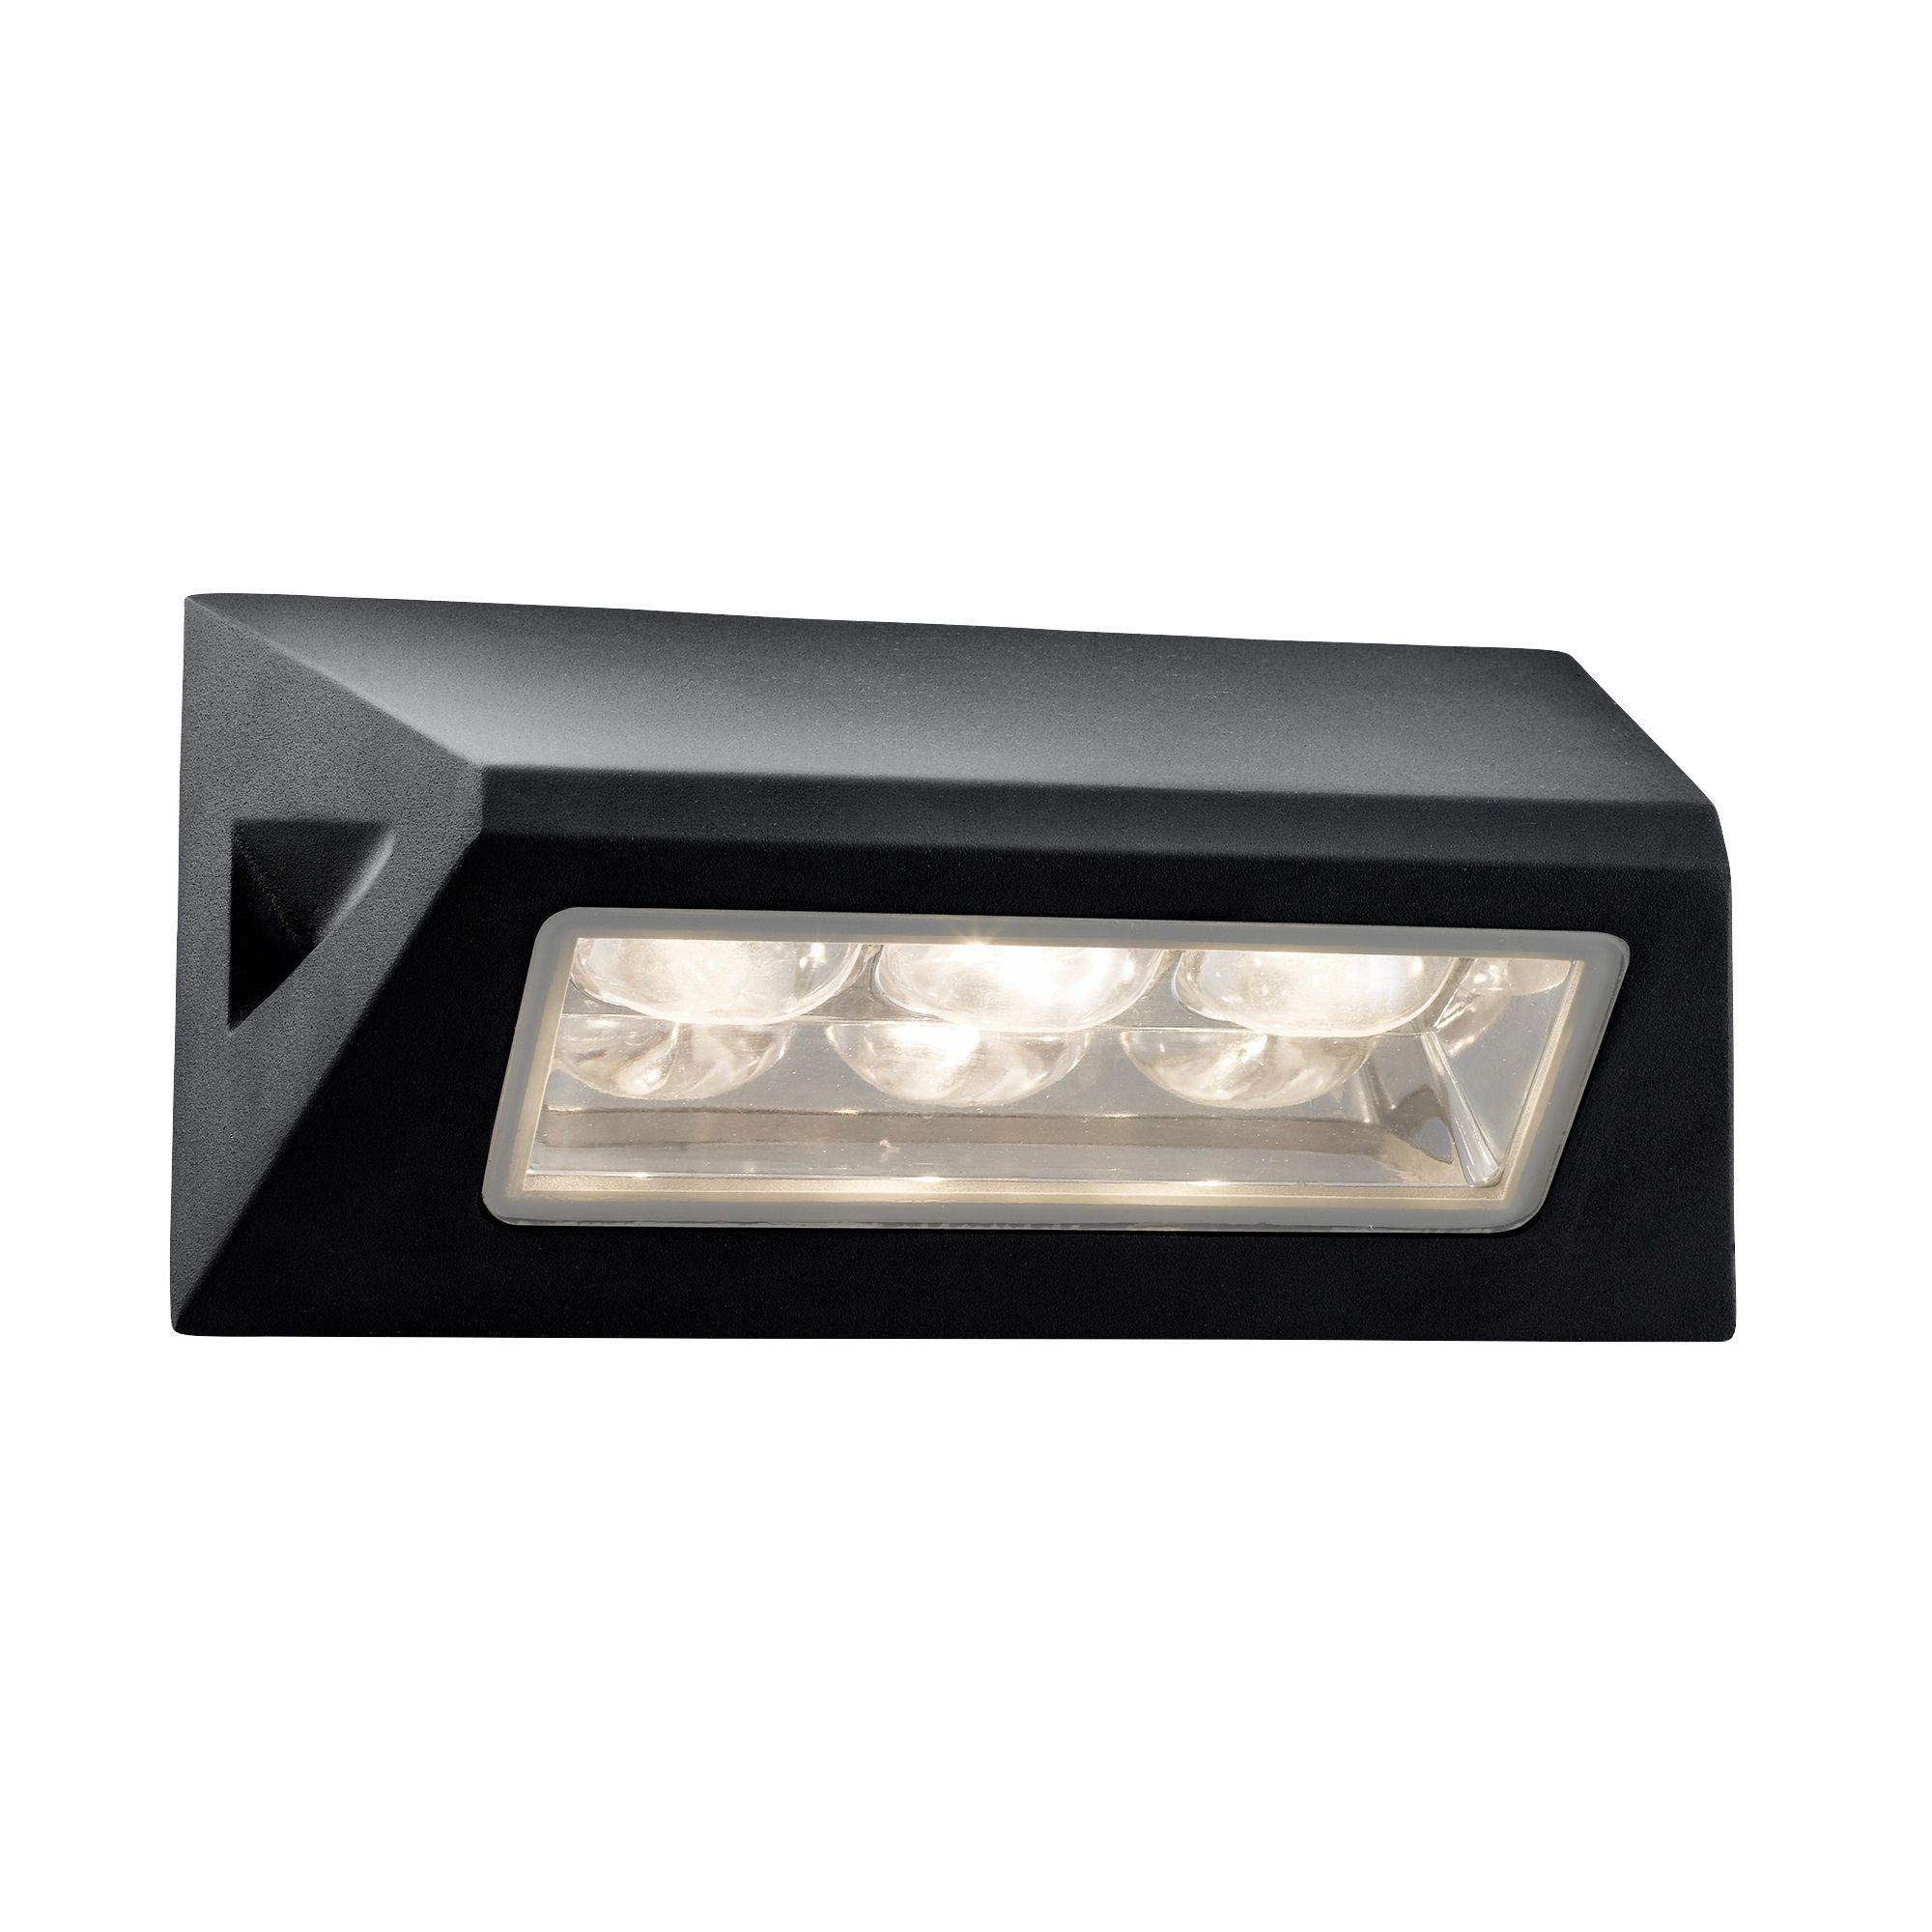 Die Cast Aluminium Black Ip44 Led Outdoor Oblong Wall Light